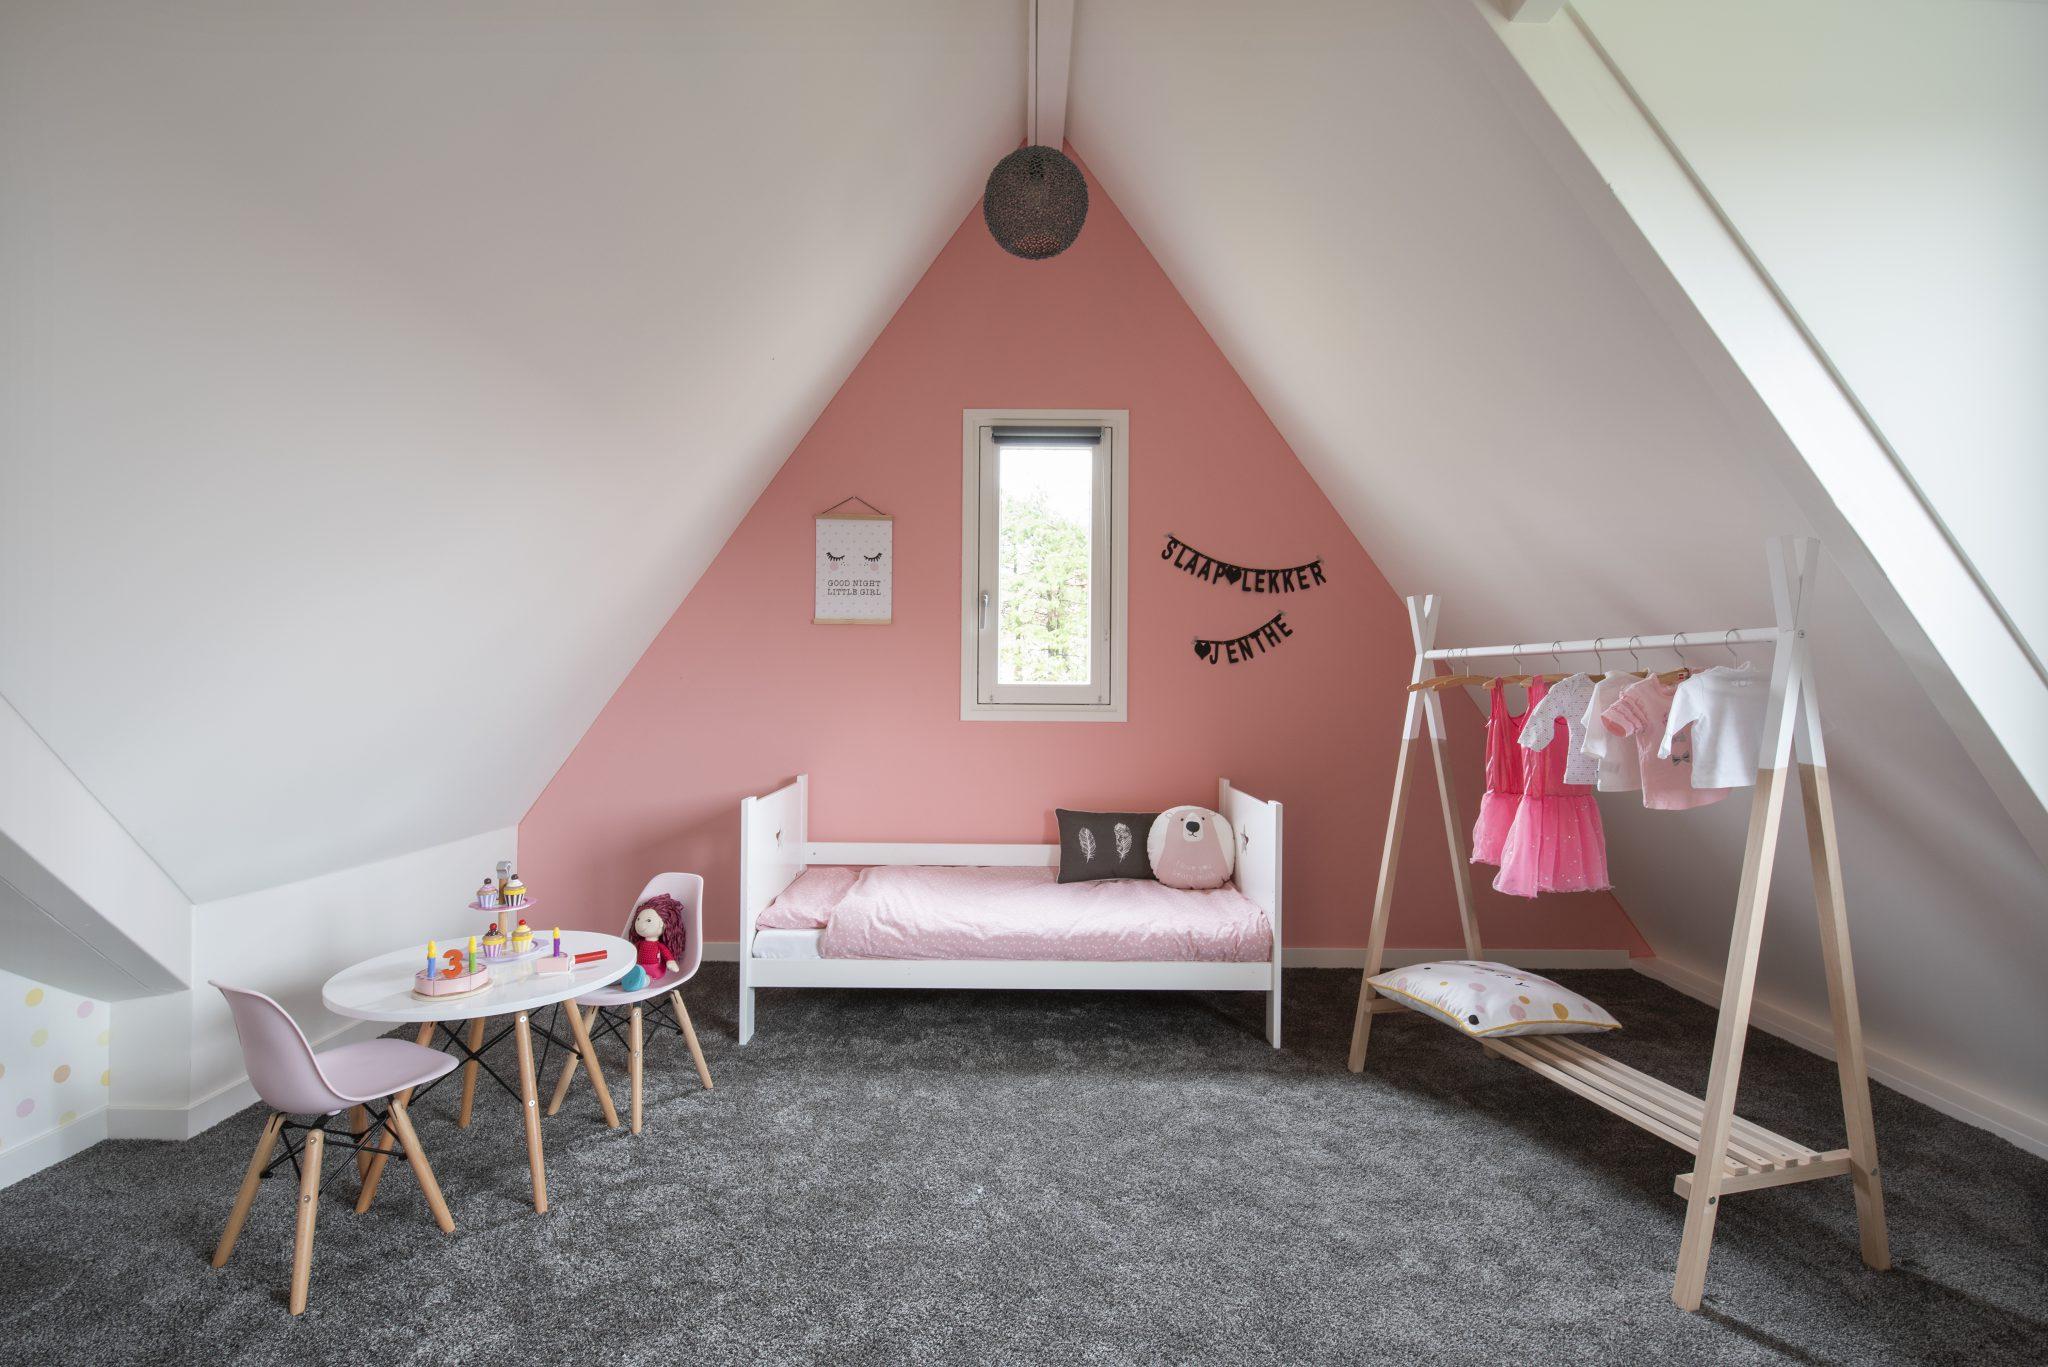 Bed_meisjeskamer_interieur_styling